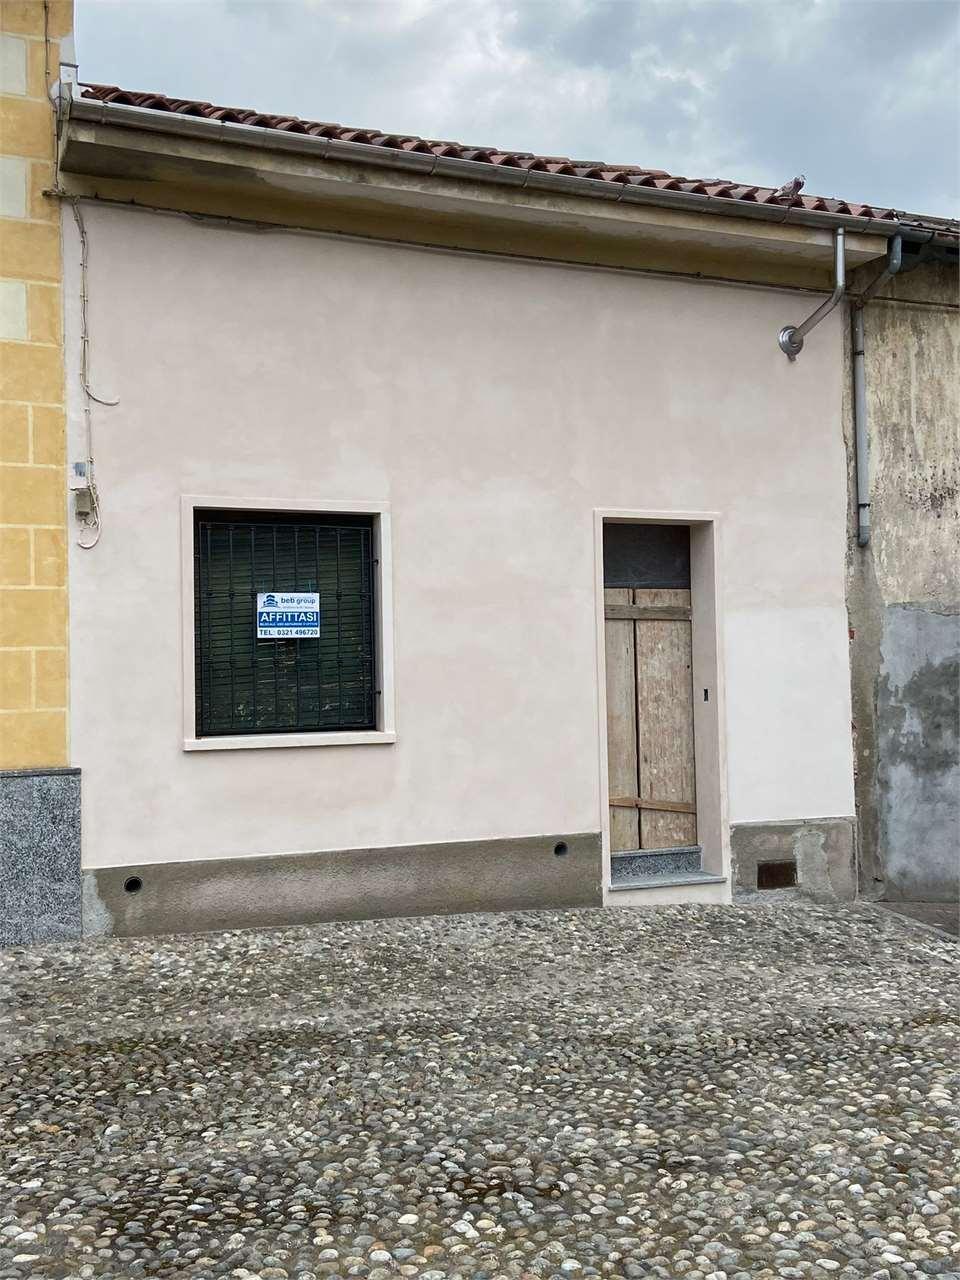 Appartamento in affitto a Novara, 2 locali, zona Località: Pernate, prezzo € 280 | PortaleAgenzieImmobiliari.it